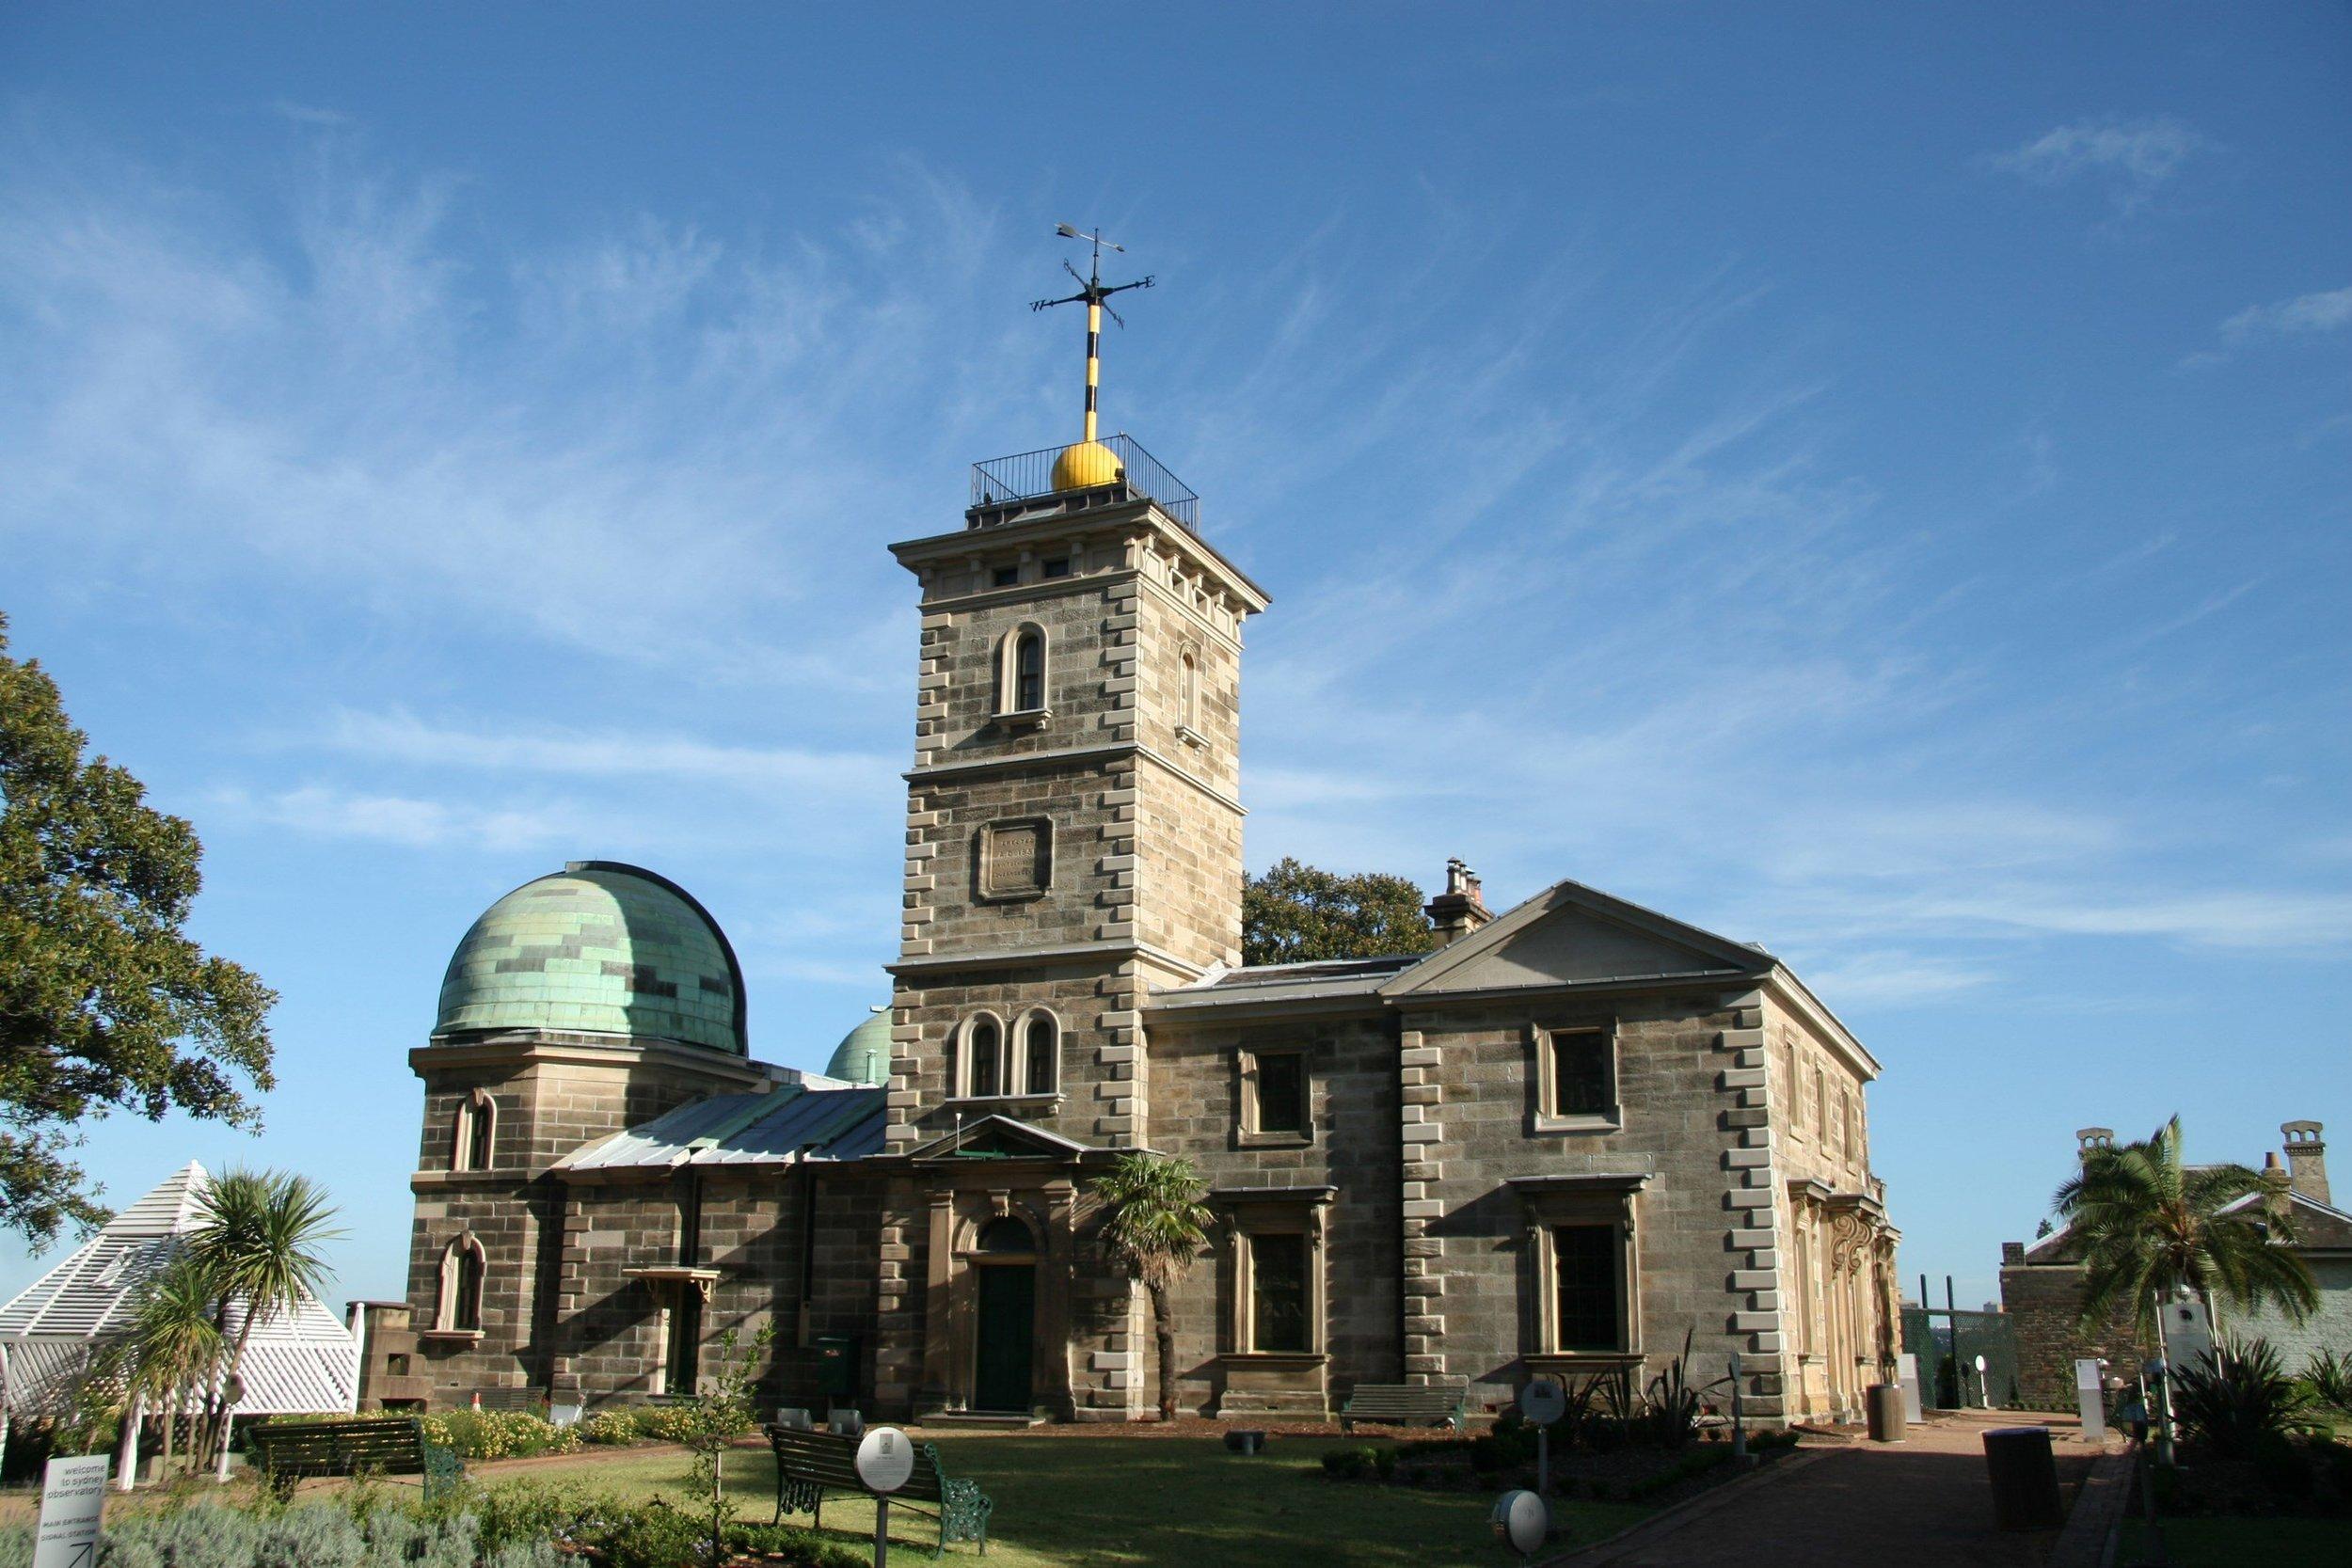 悉尼天文台外观 (图片来源sydney.cm)